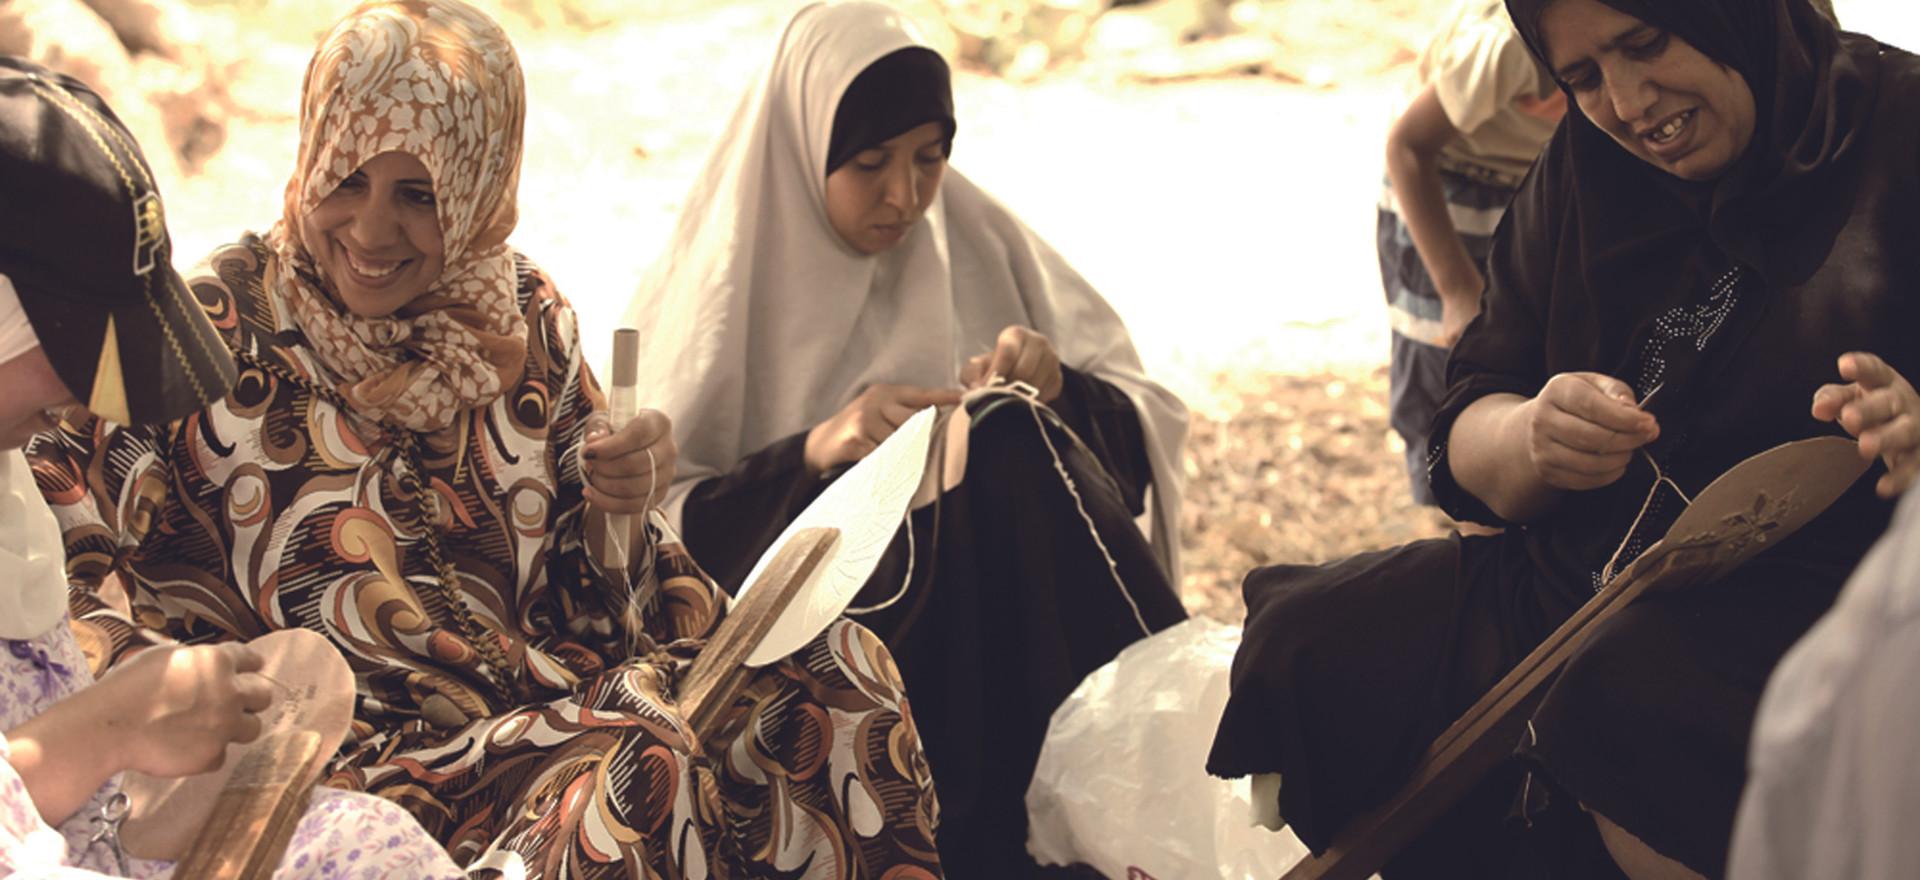 MAROKKO: Ausbildung in traditionellen handwerklichen Berufen